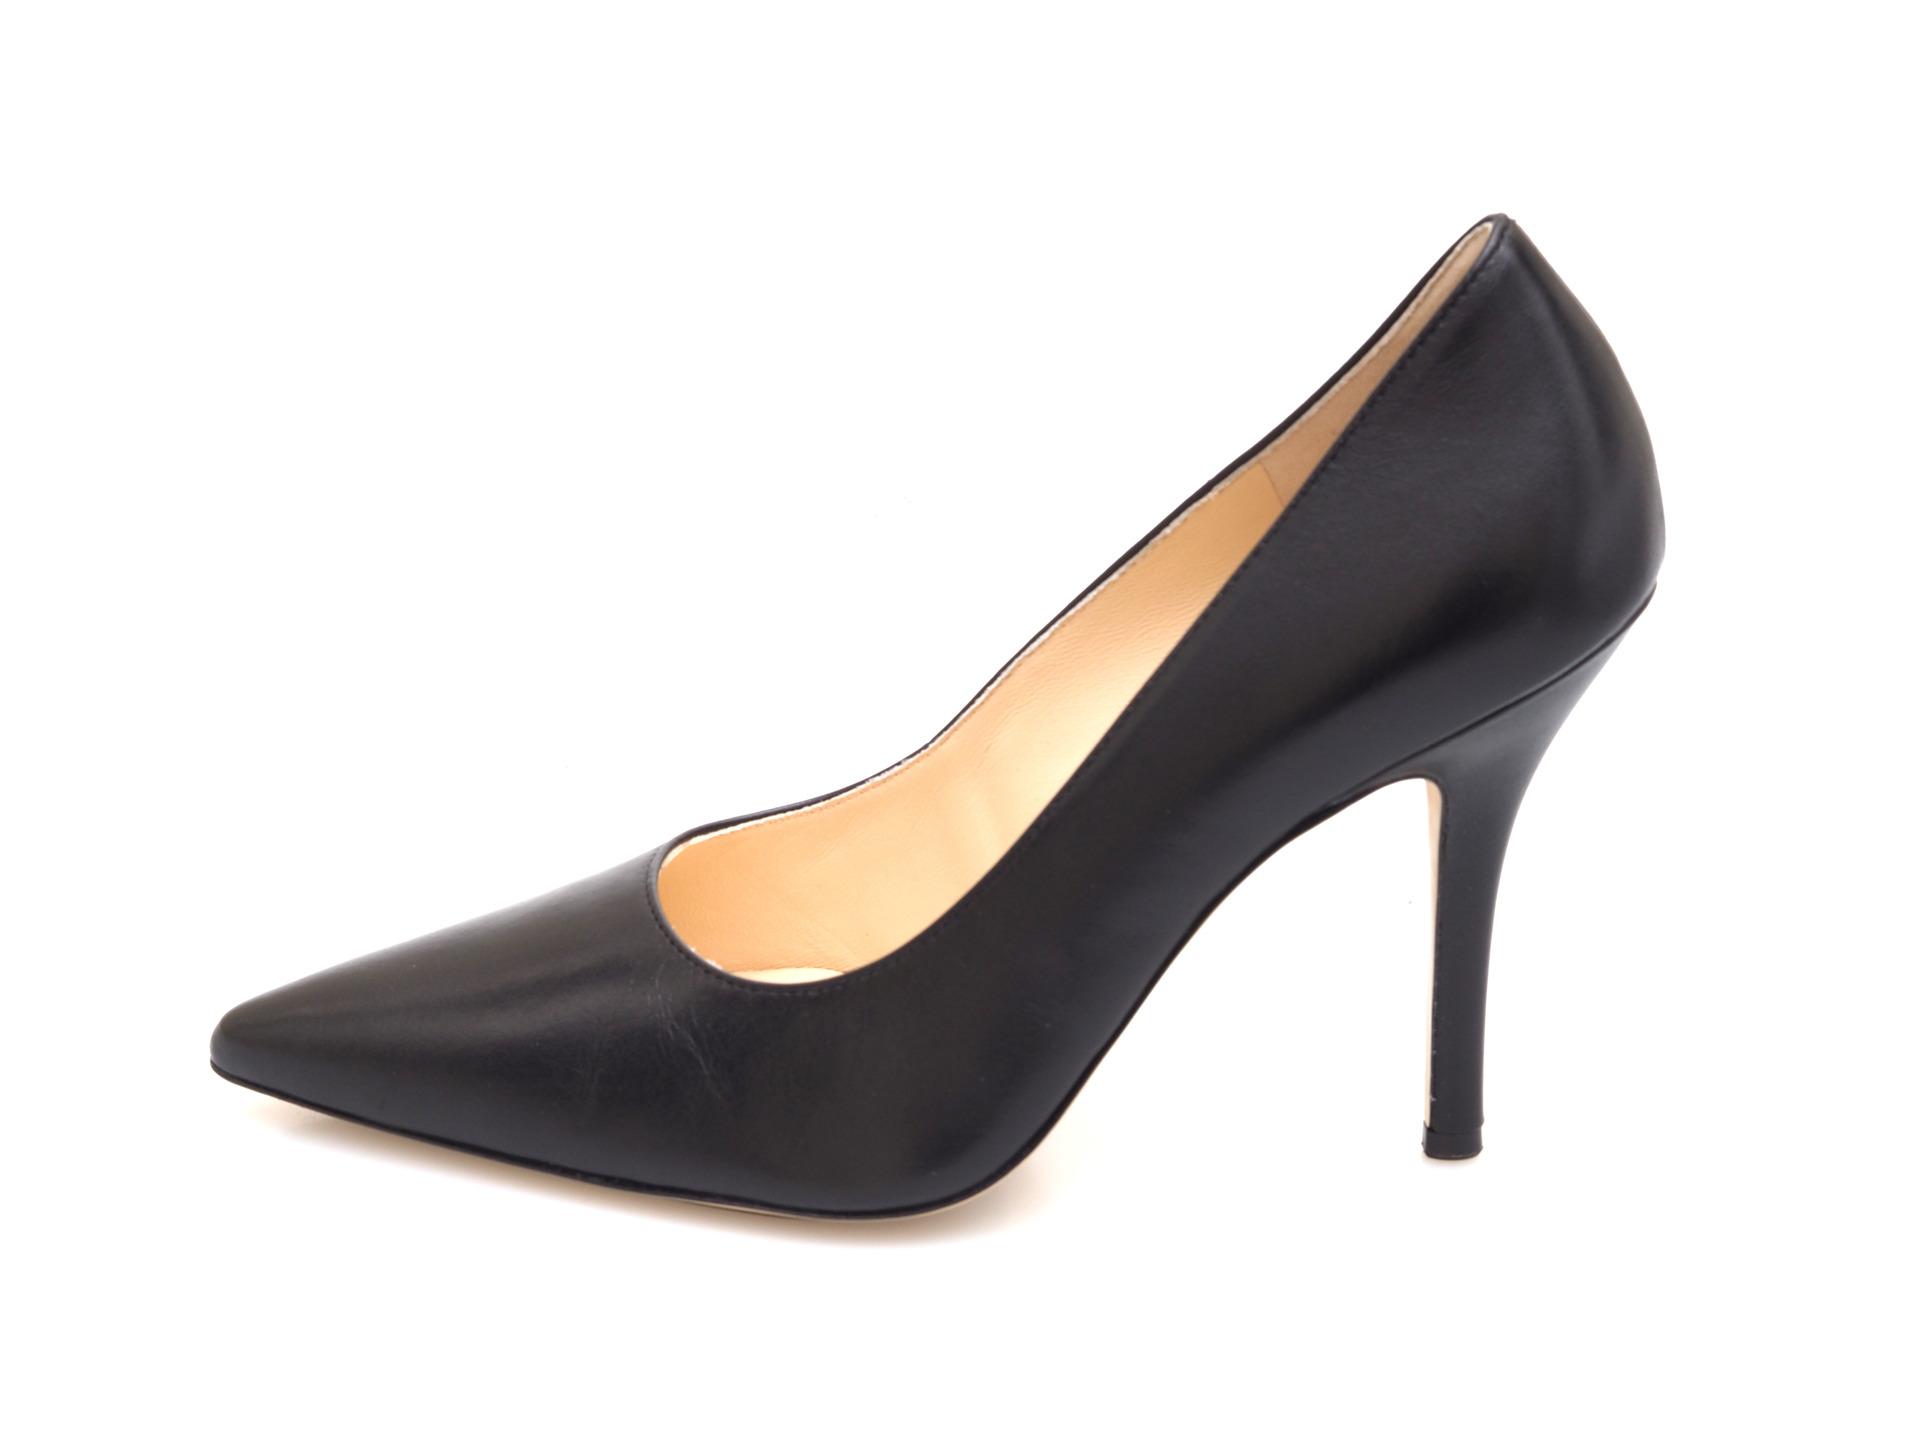 6a5dc90c54 Soňa - Dámska obuv - Spoločenská obuv - Koženné čierne lodičky Högl